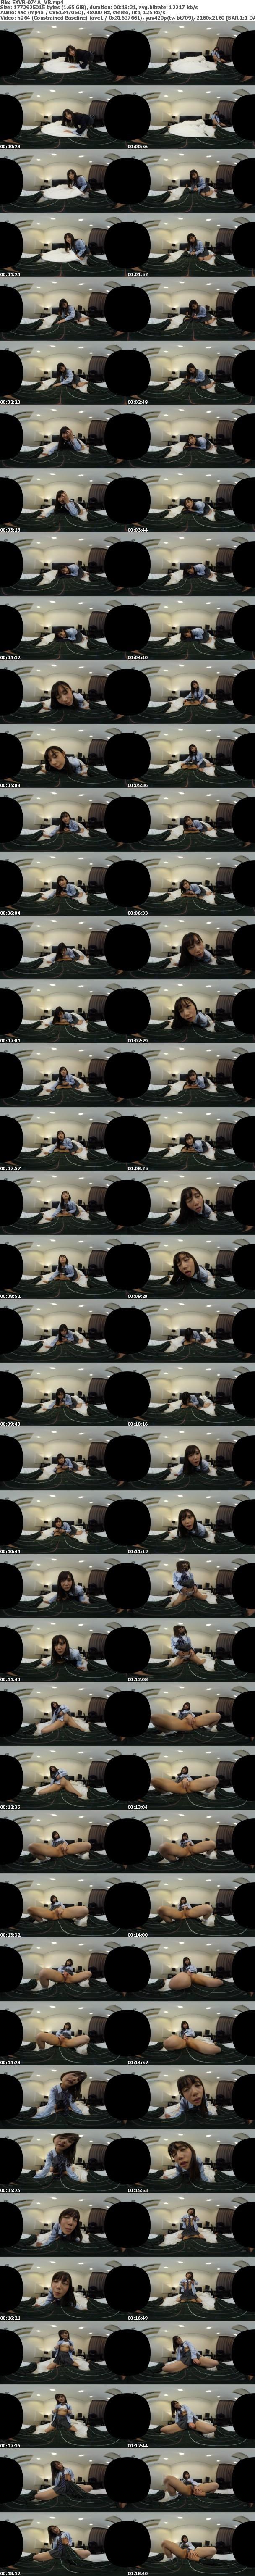 VR/3D EXVR-074 【VR】大好きなお兄ちゃんとベロキスたっぷりぬぷぬぷ子作りSEX 星奈あい